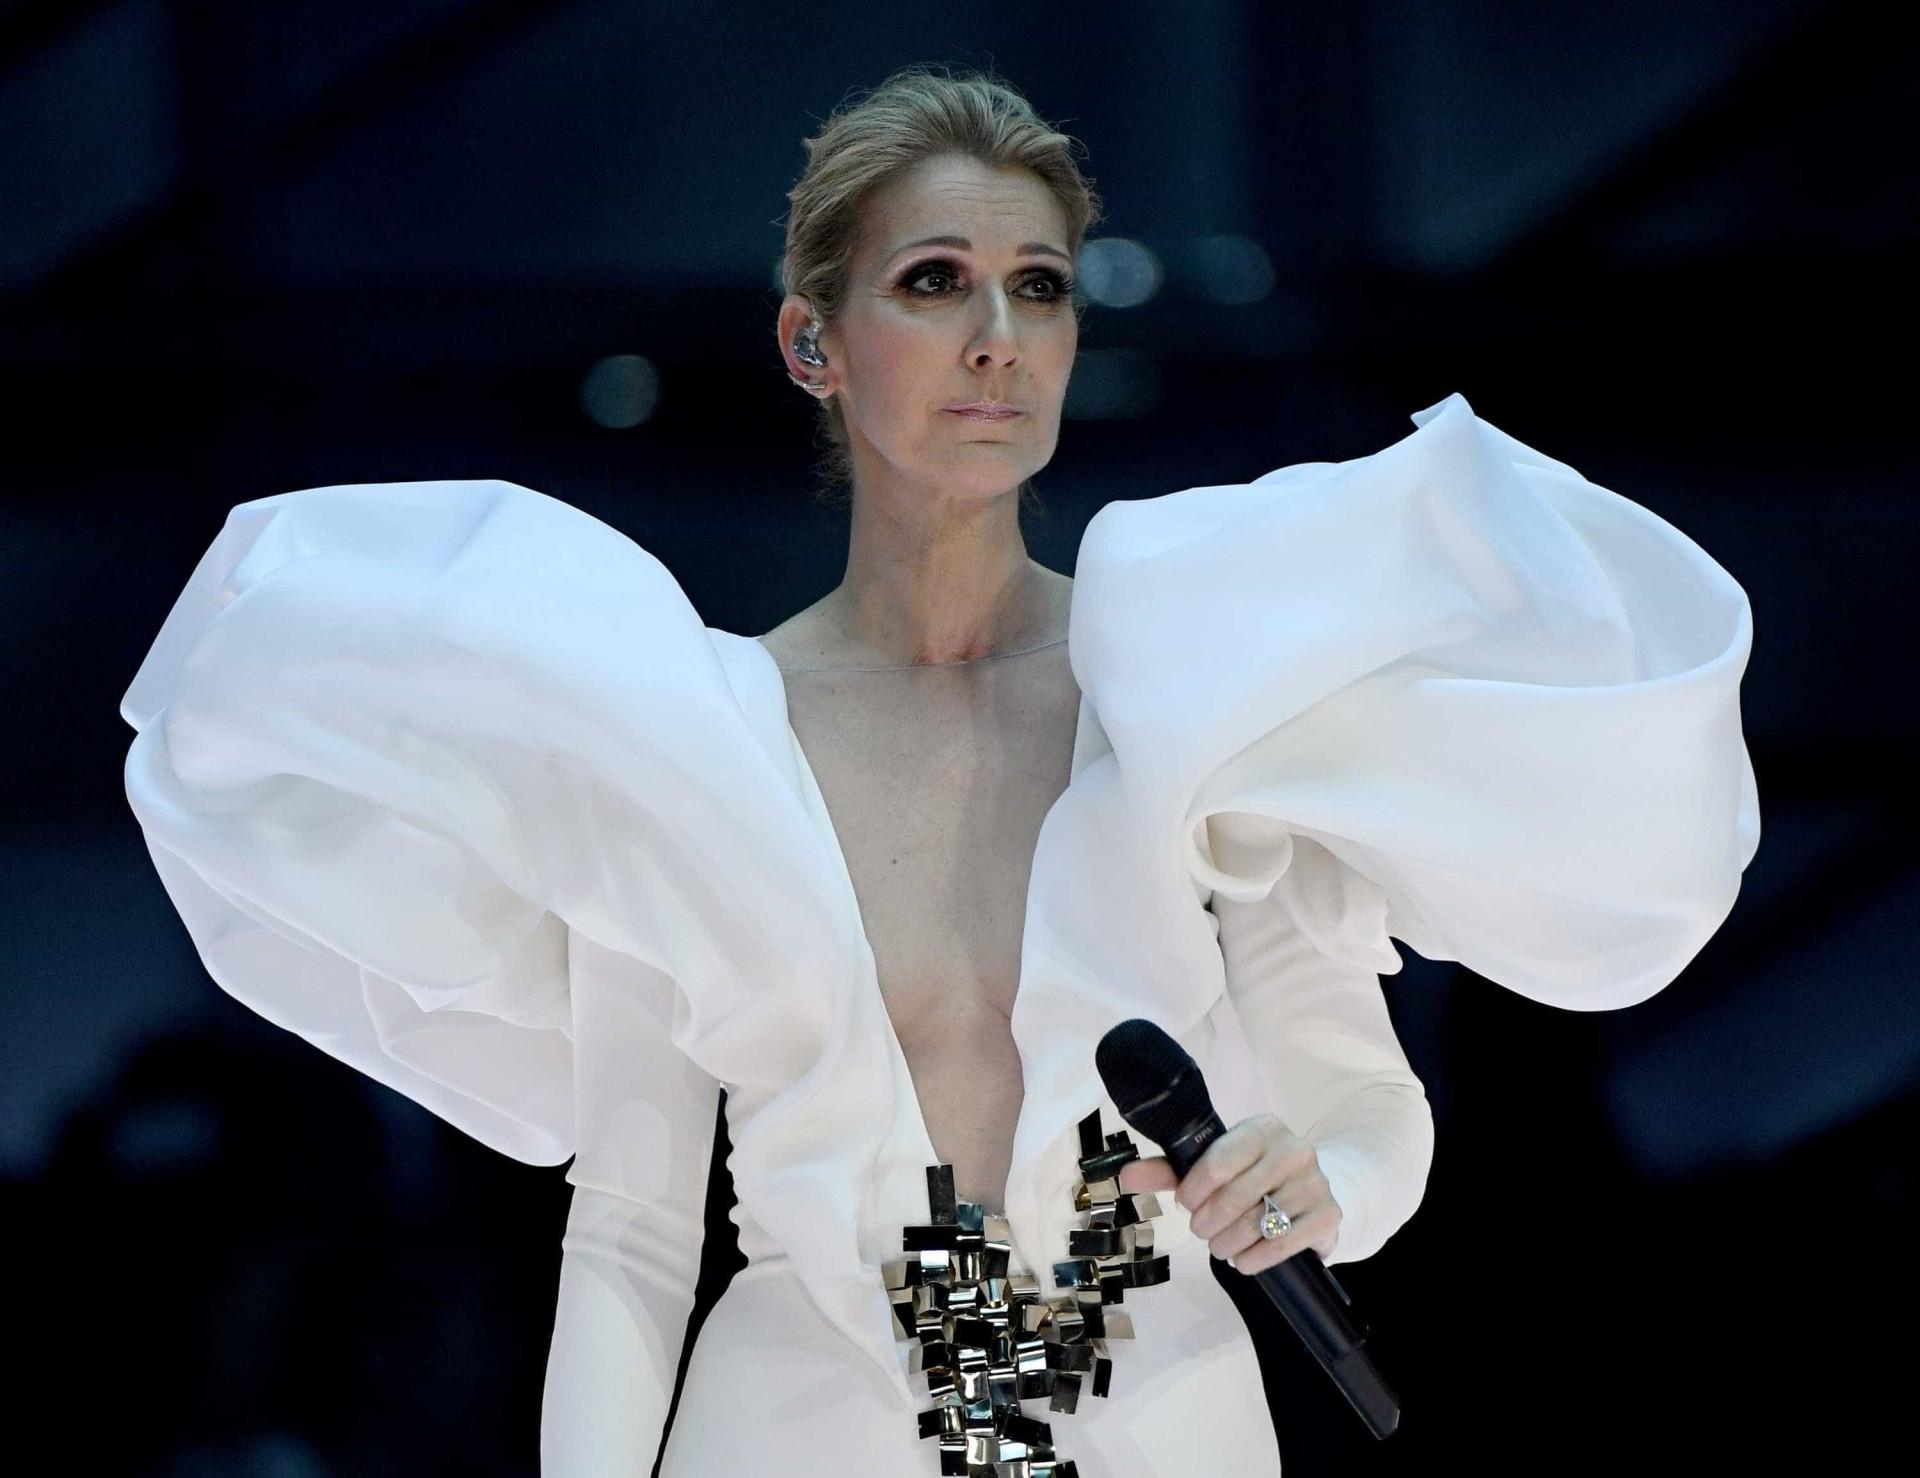 A surpreendente reação de Céline Dion a fã alcoolizada que invadiu palco